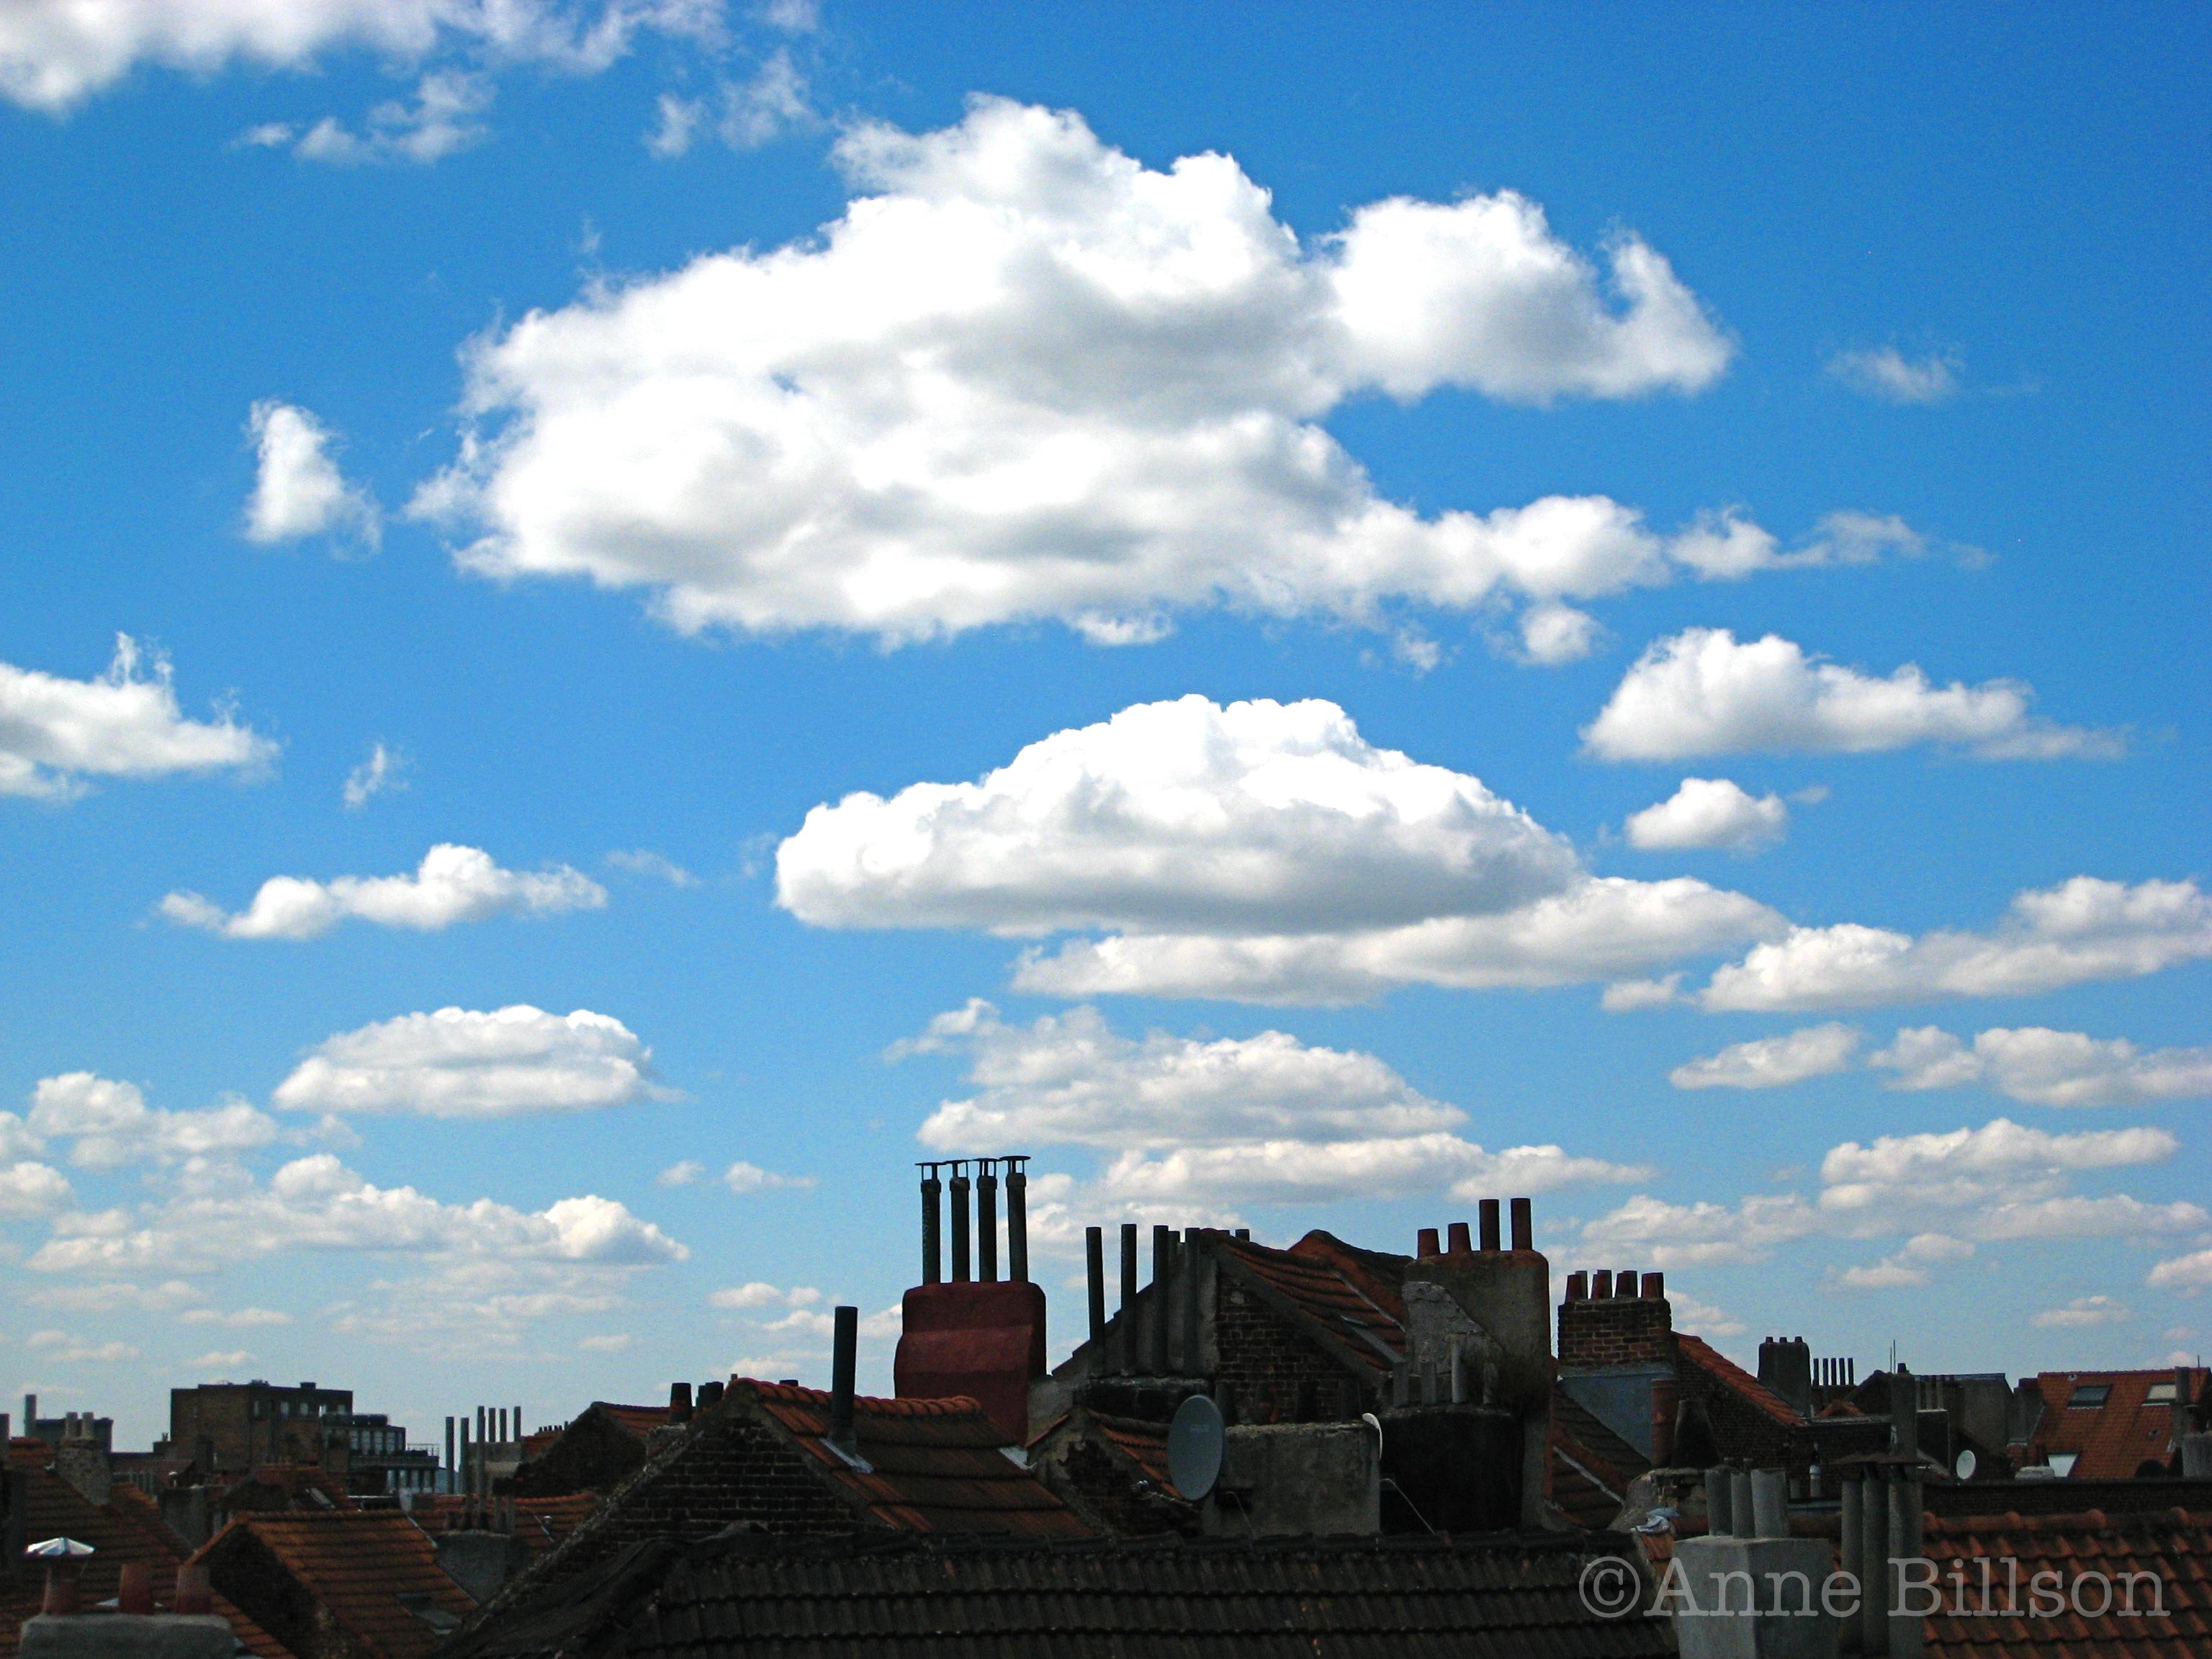 Magritte wolken – L'EMPIRE DES LUMIÈRES